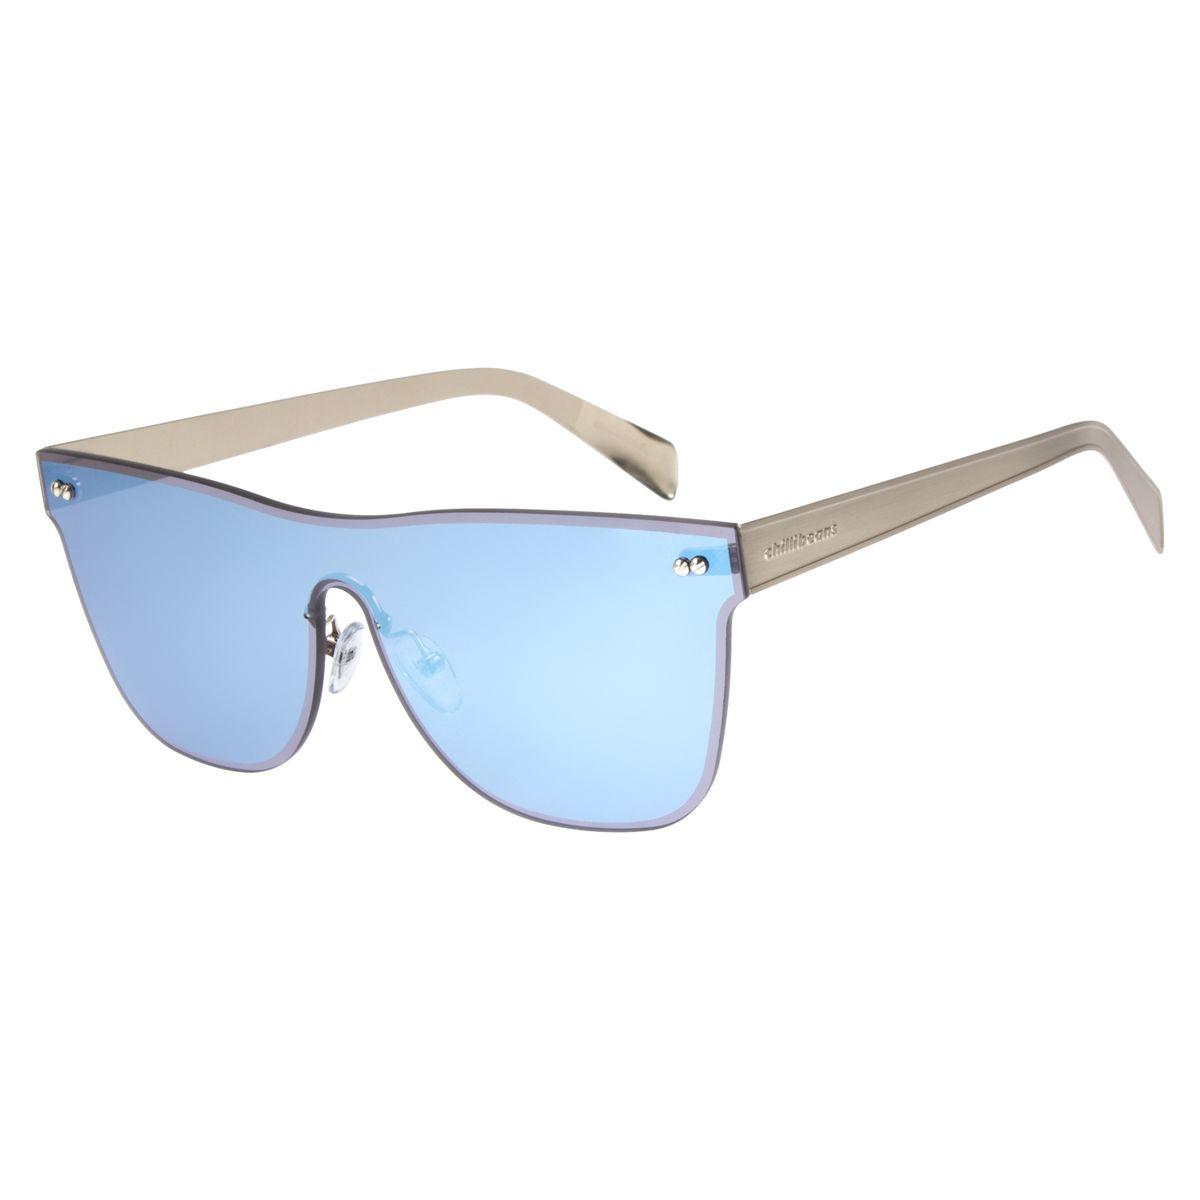 f505e1cb982bf Óculos de Sol Unissex Double Lenses Prata 2486 - Chilli Beans